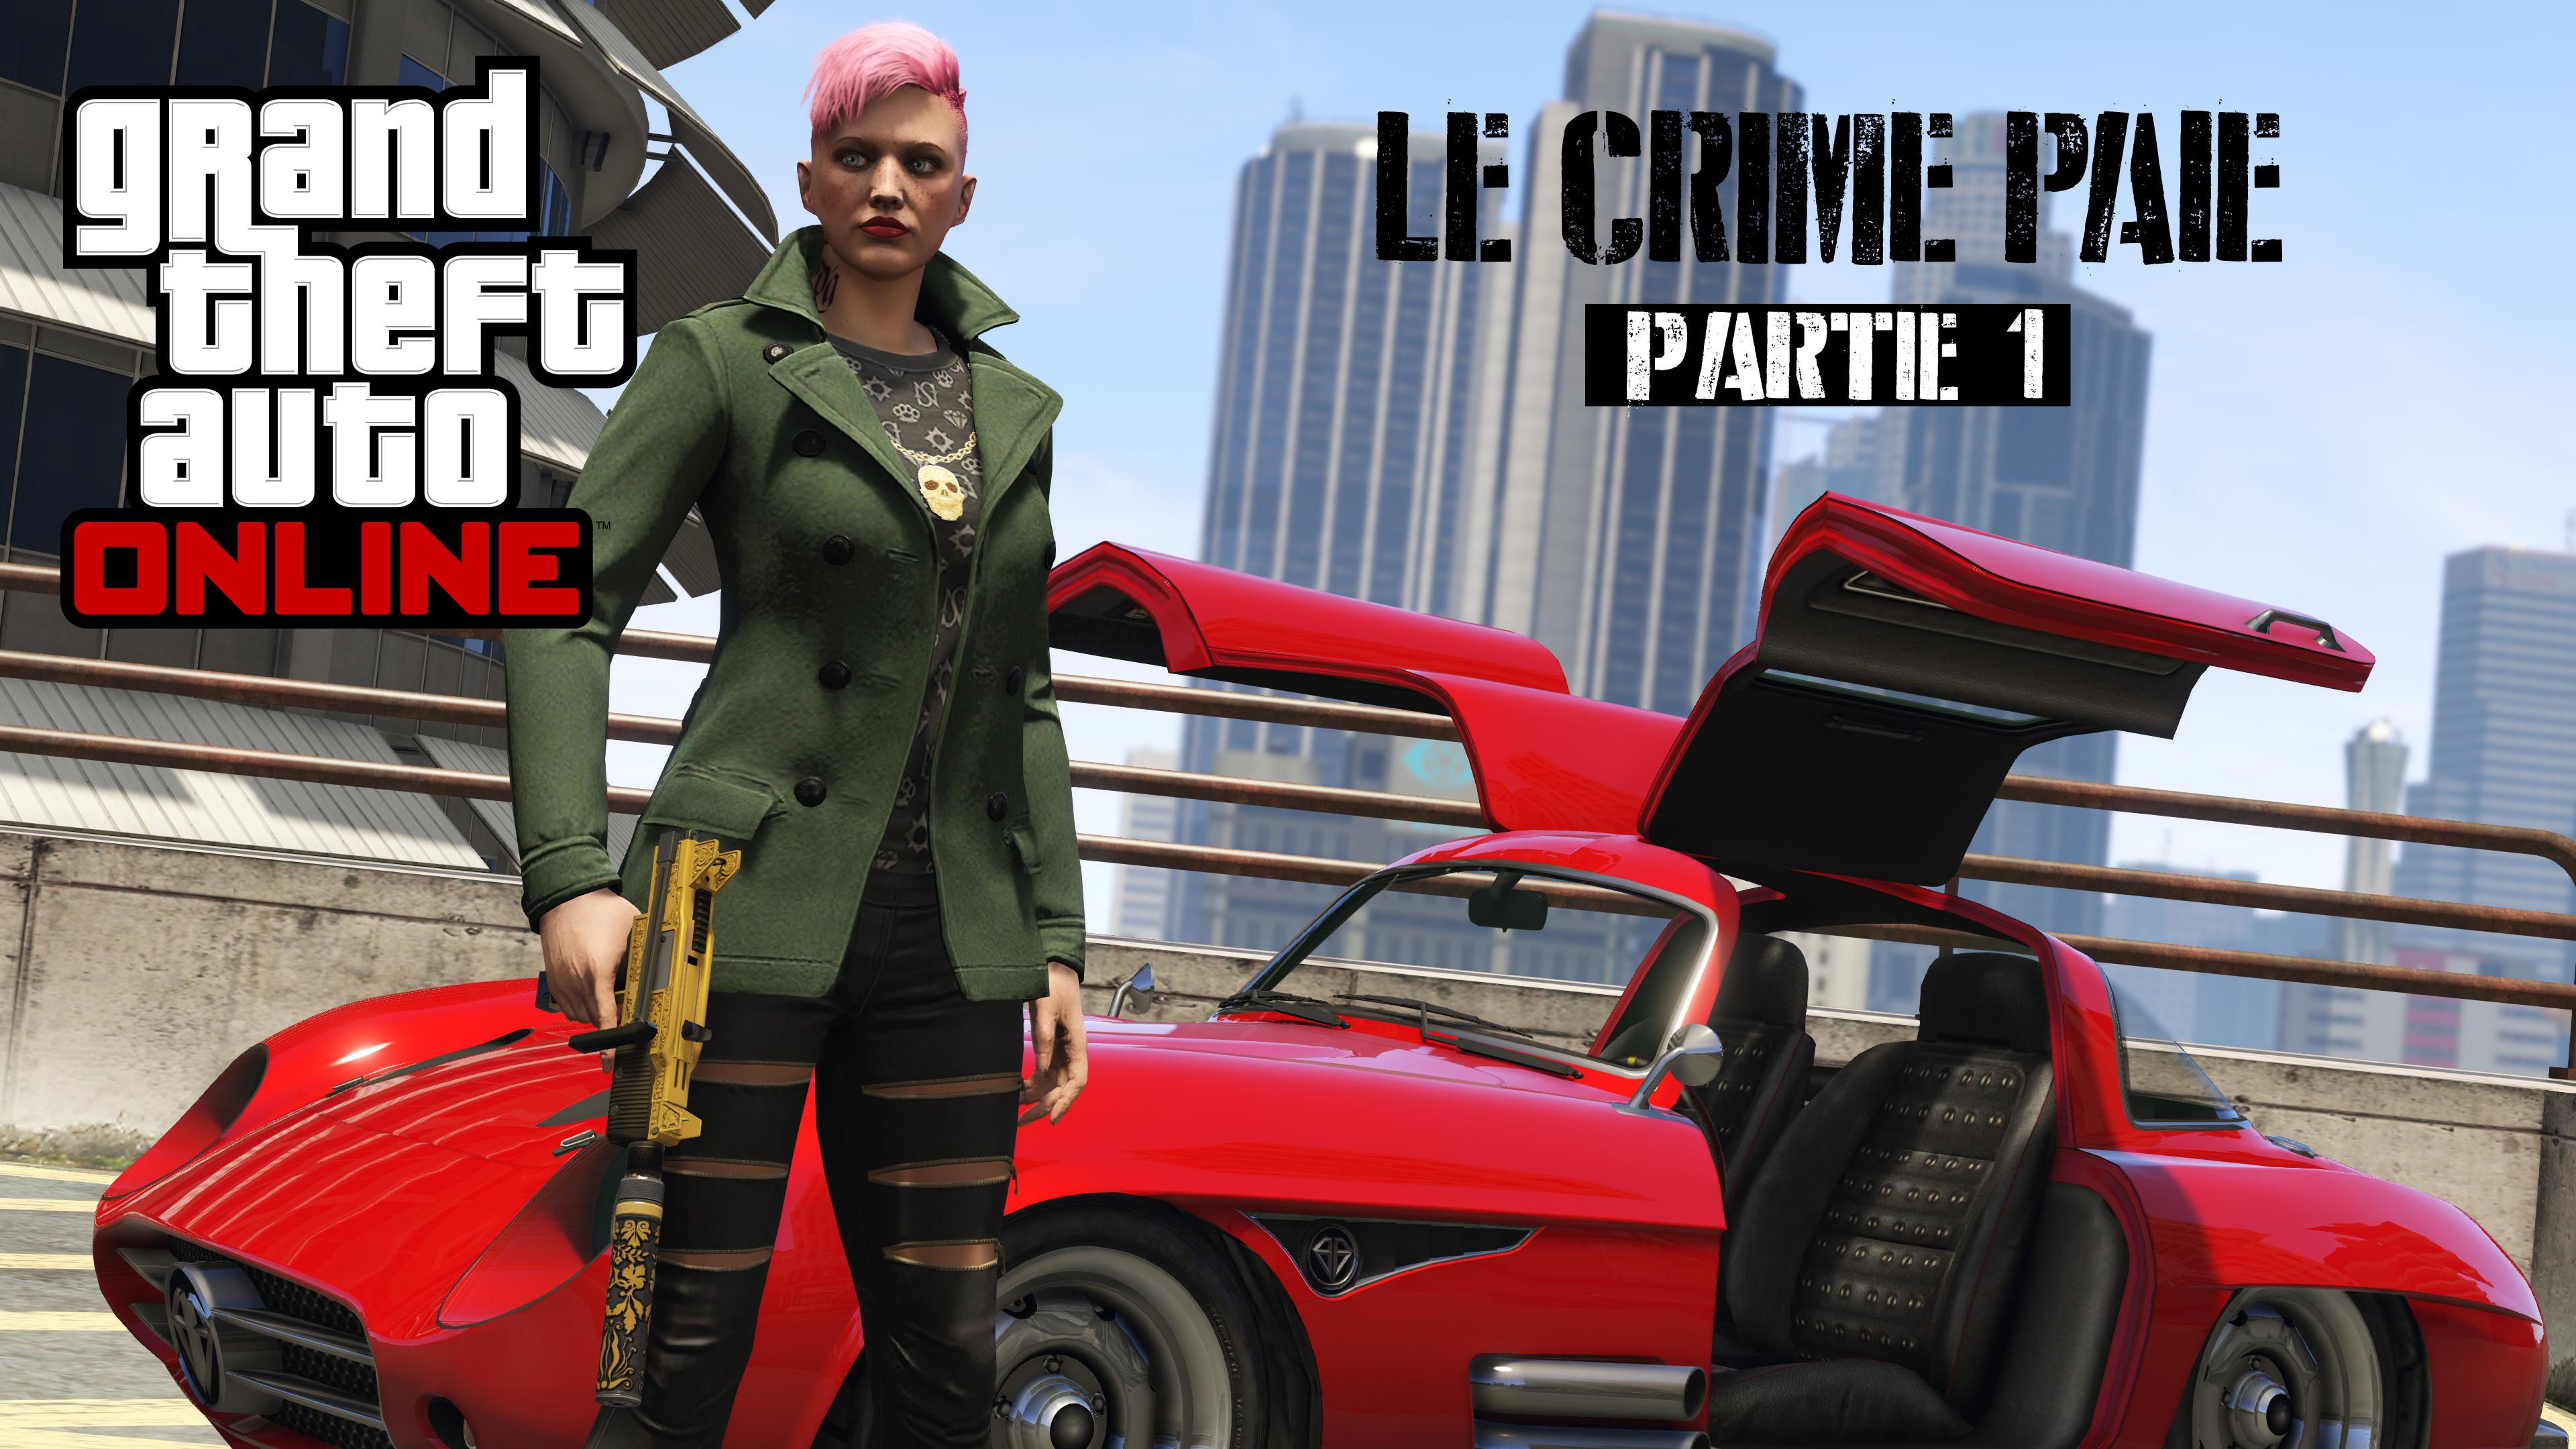 Le crime paie : Partie 1